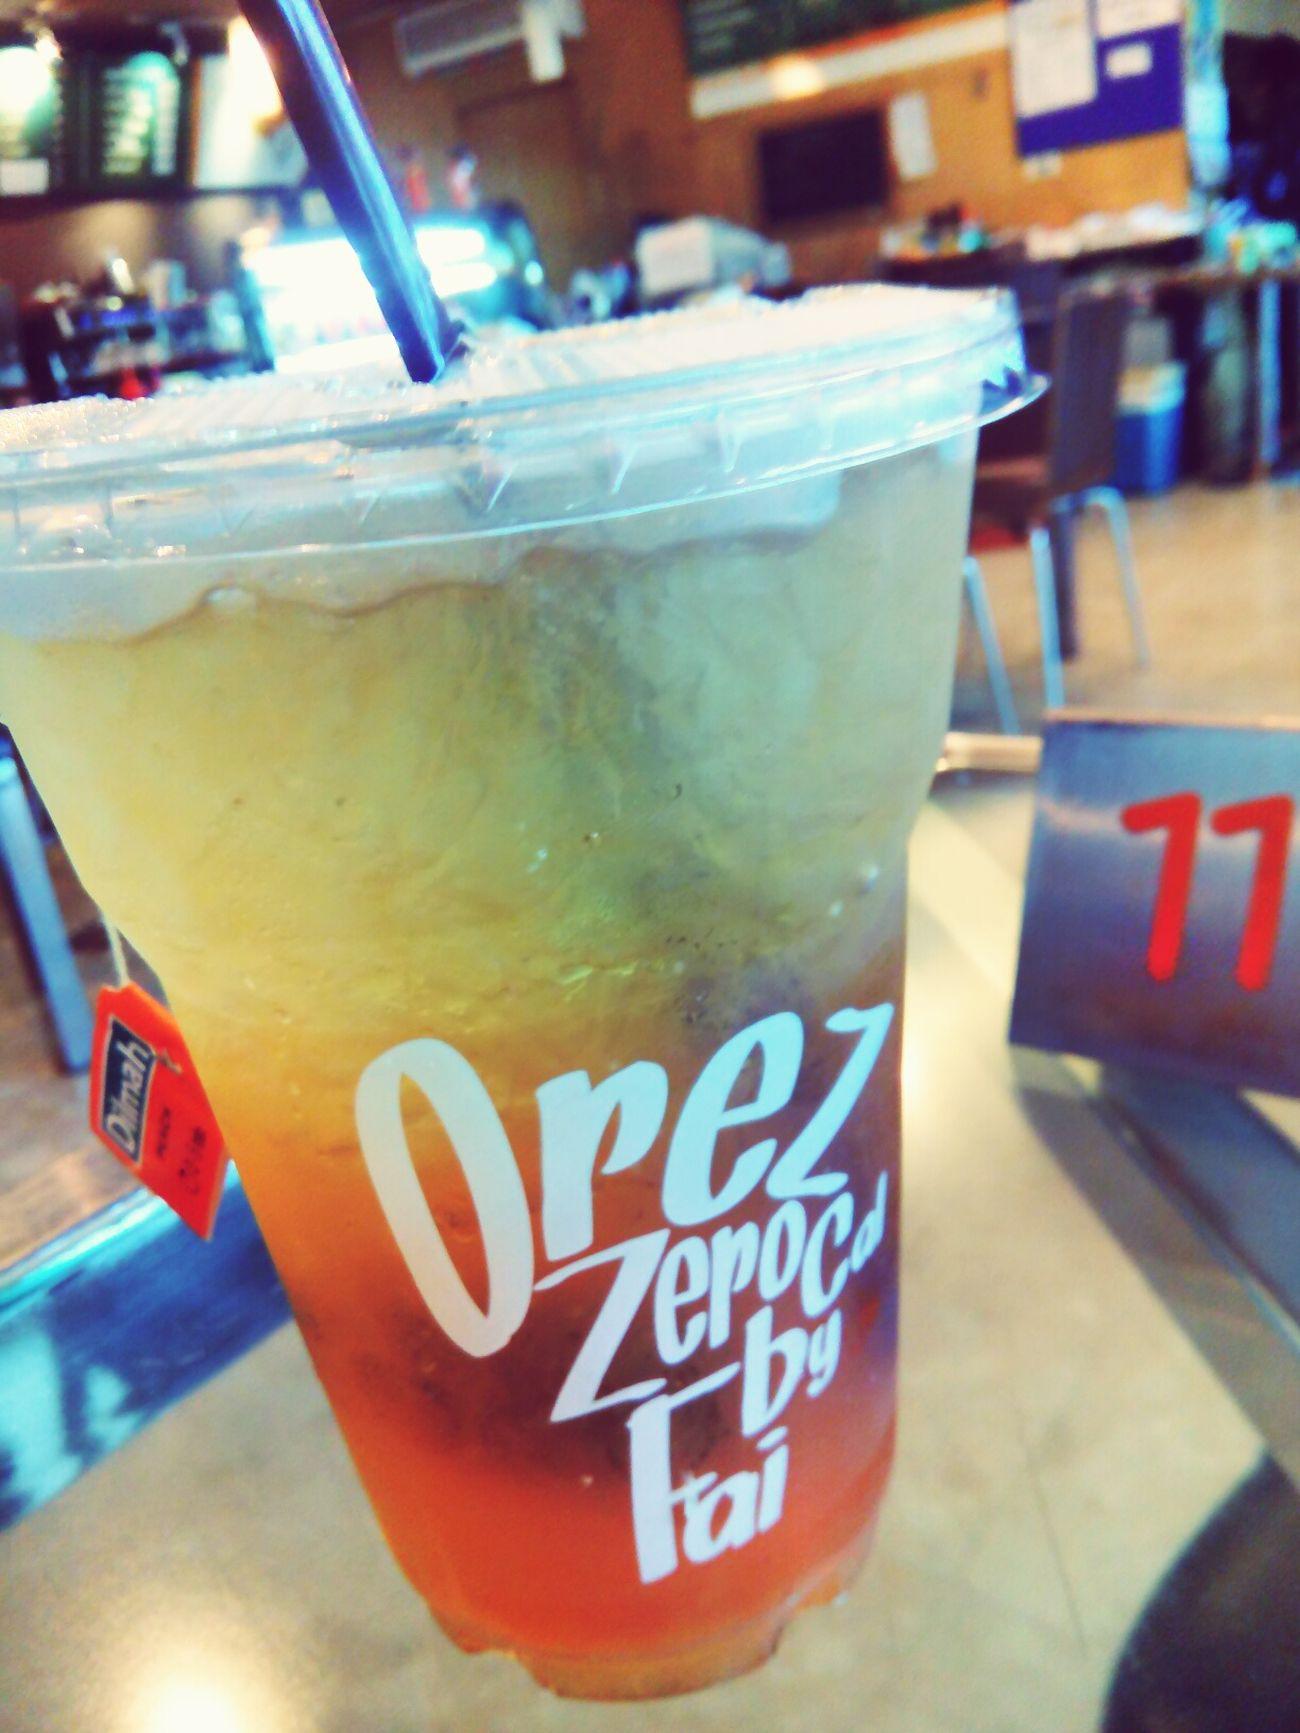 Get energy from Peach tea.